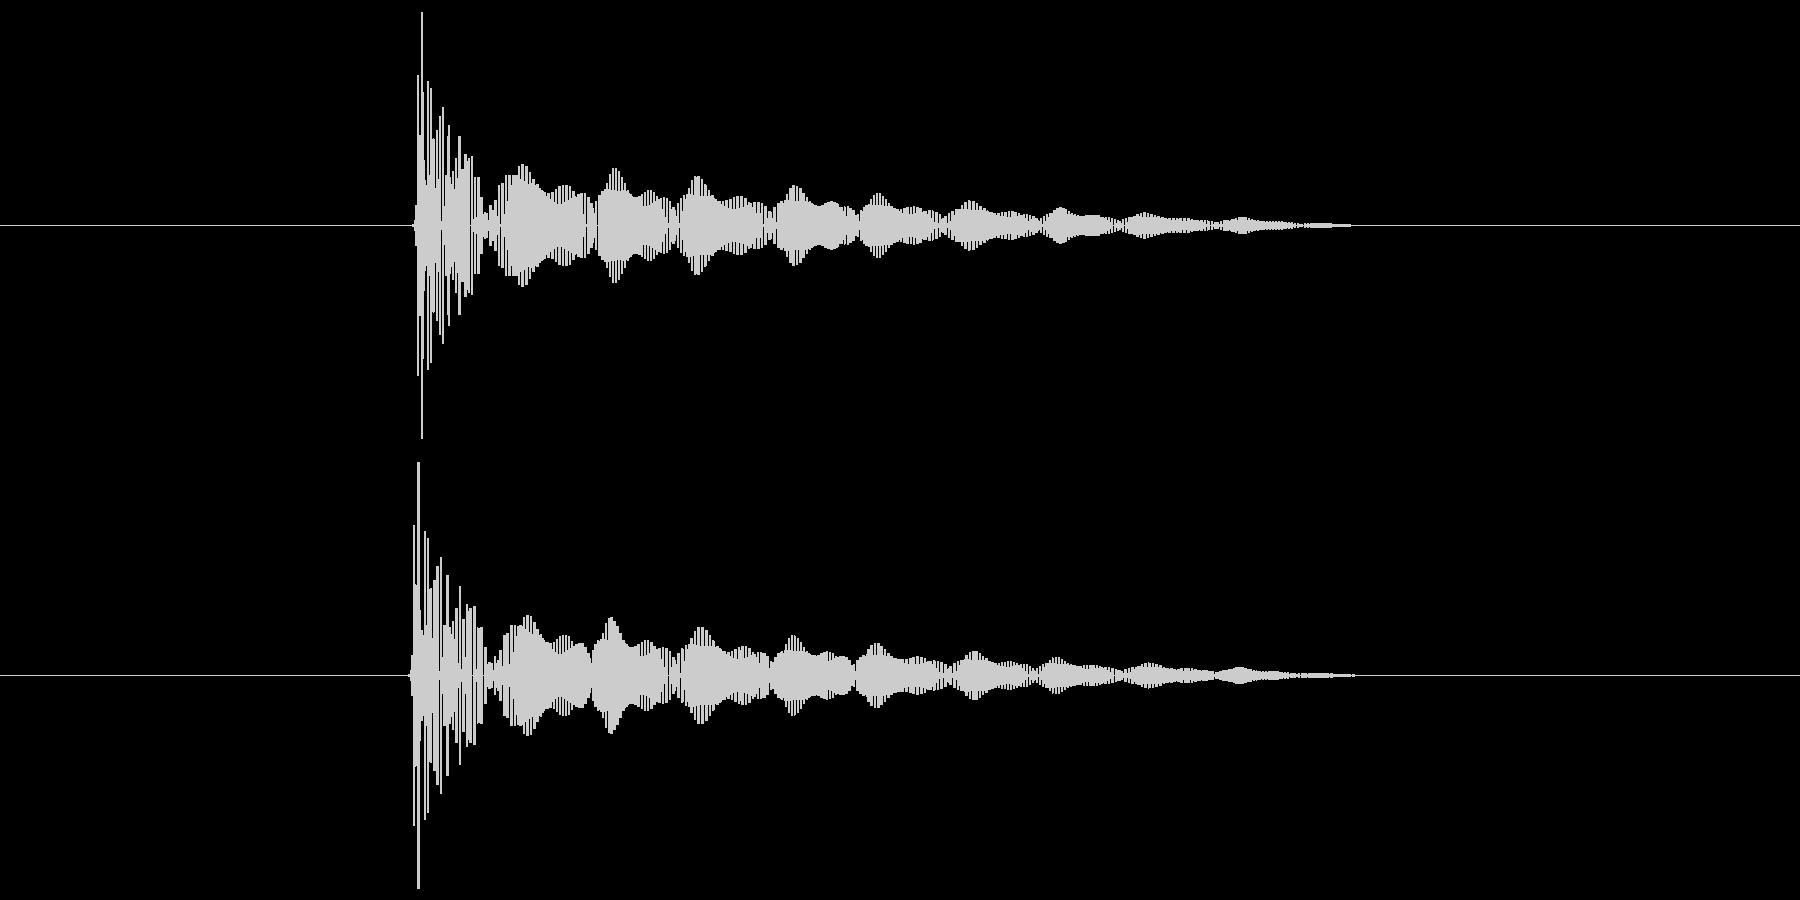 ダメージを受けた時の音の未再生の波形